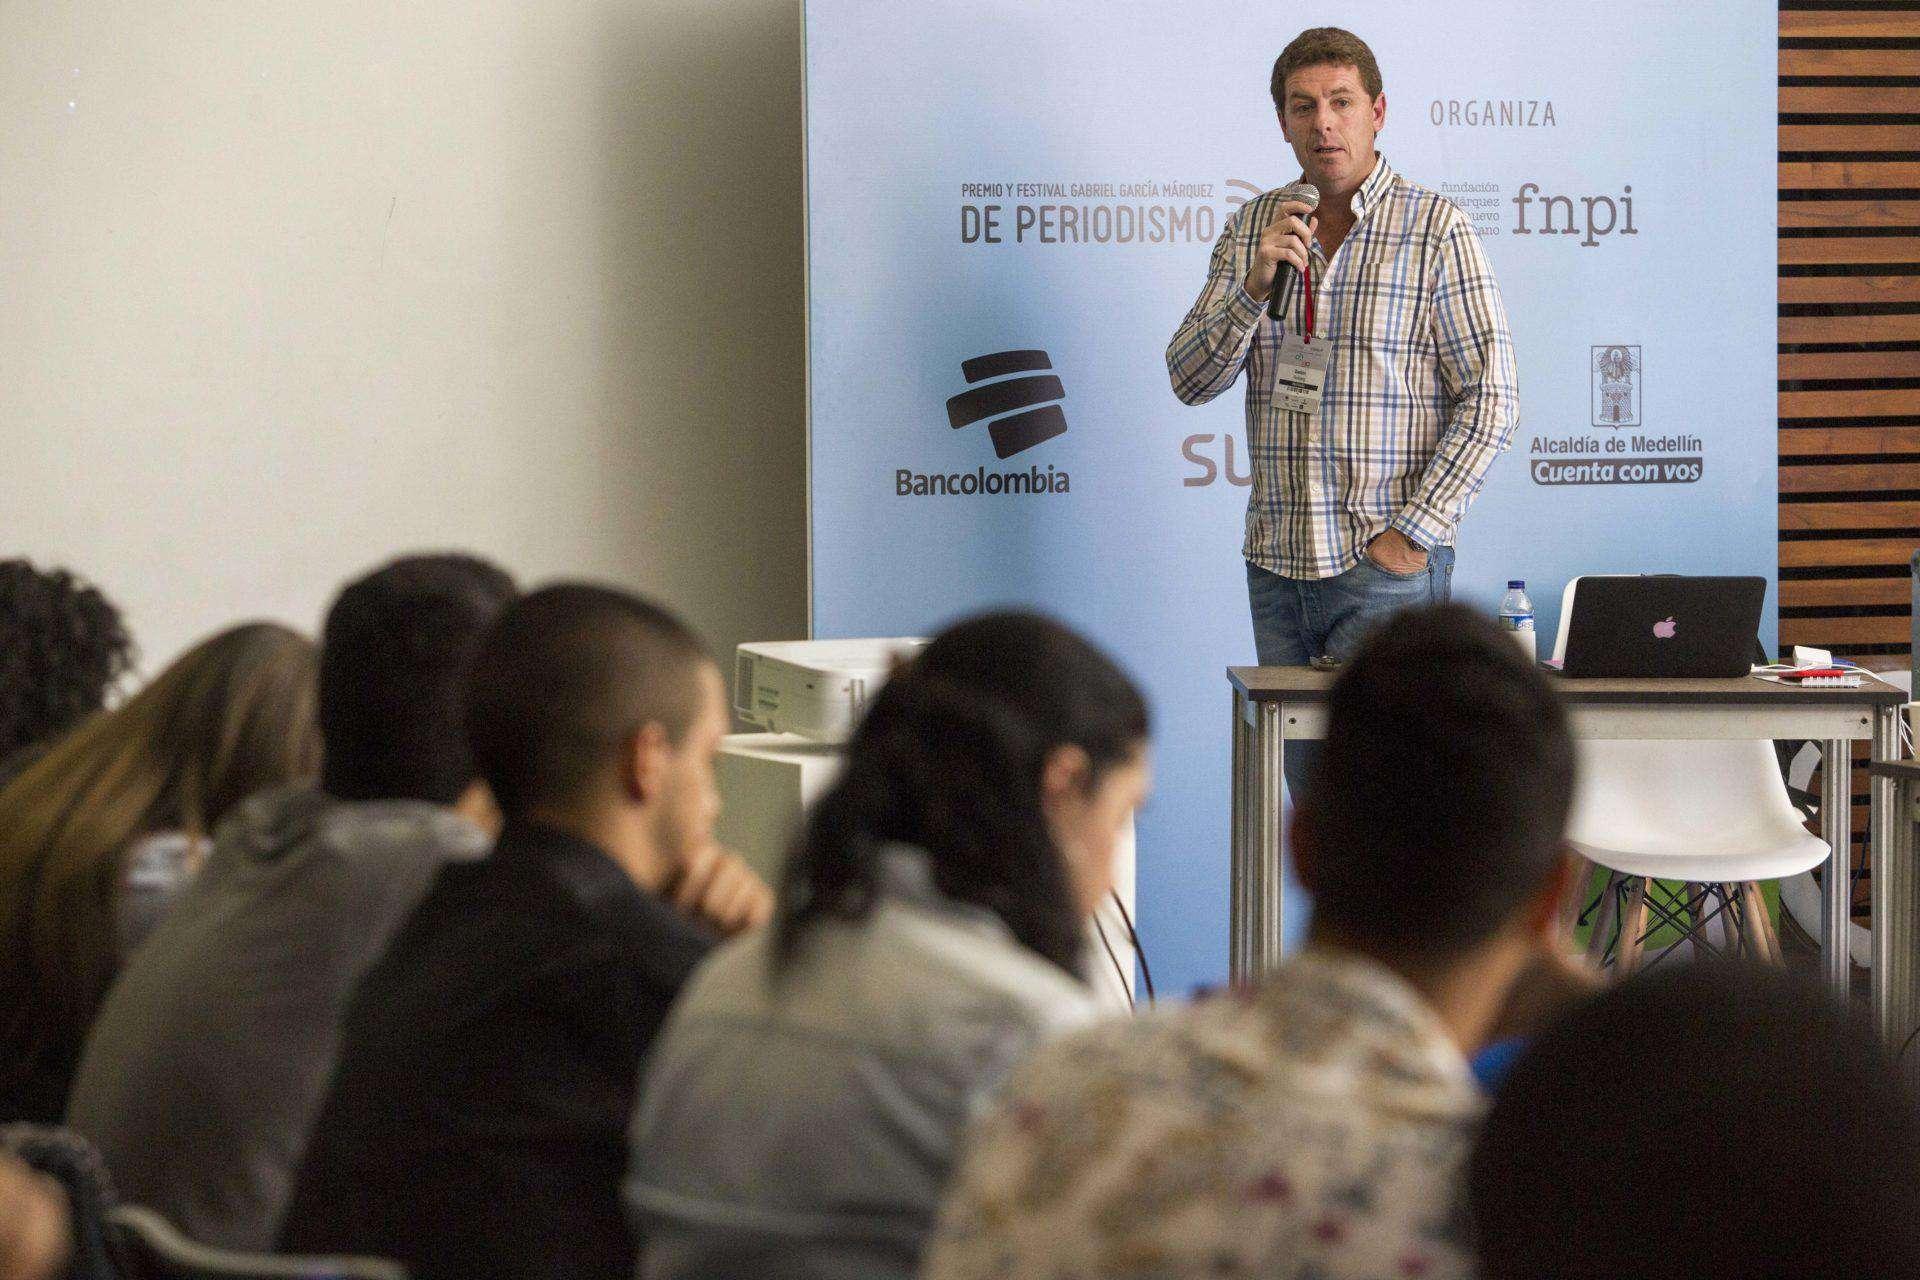 El periodista argentino Gastón Roitberg, secretario de redacción del diario La Nación, expuso los principales retos de las salas de redacción del futuro. Foto: David Estrada.